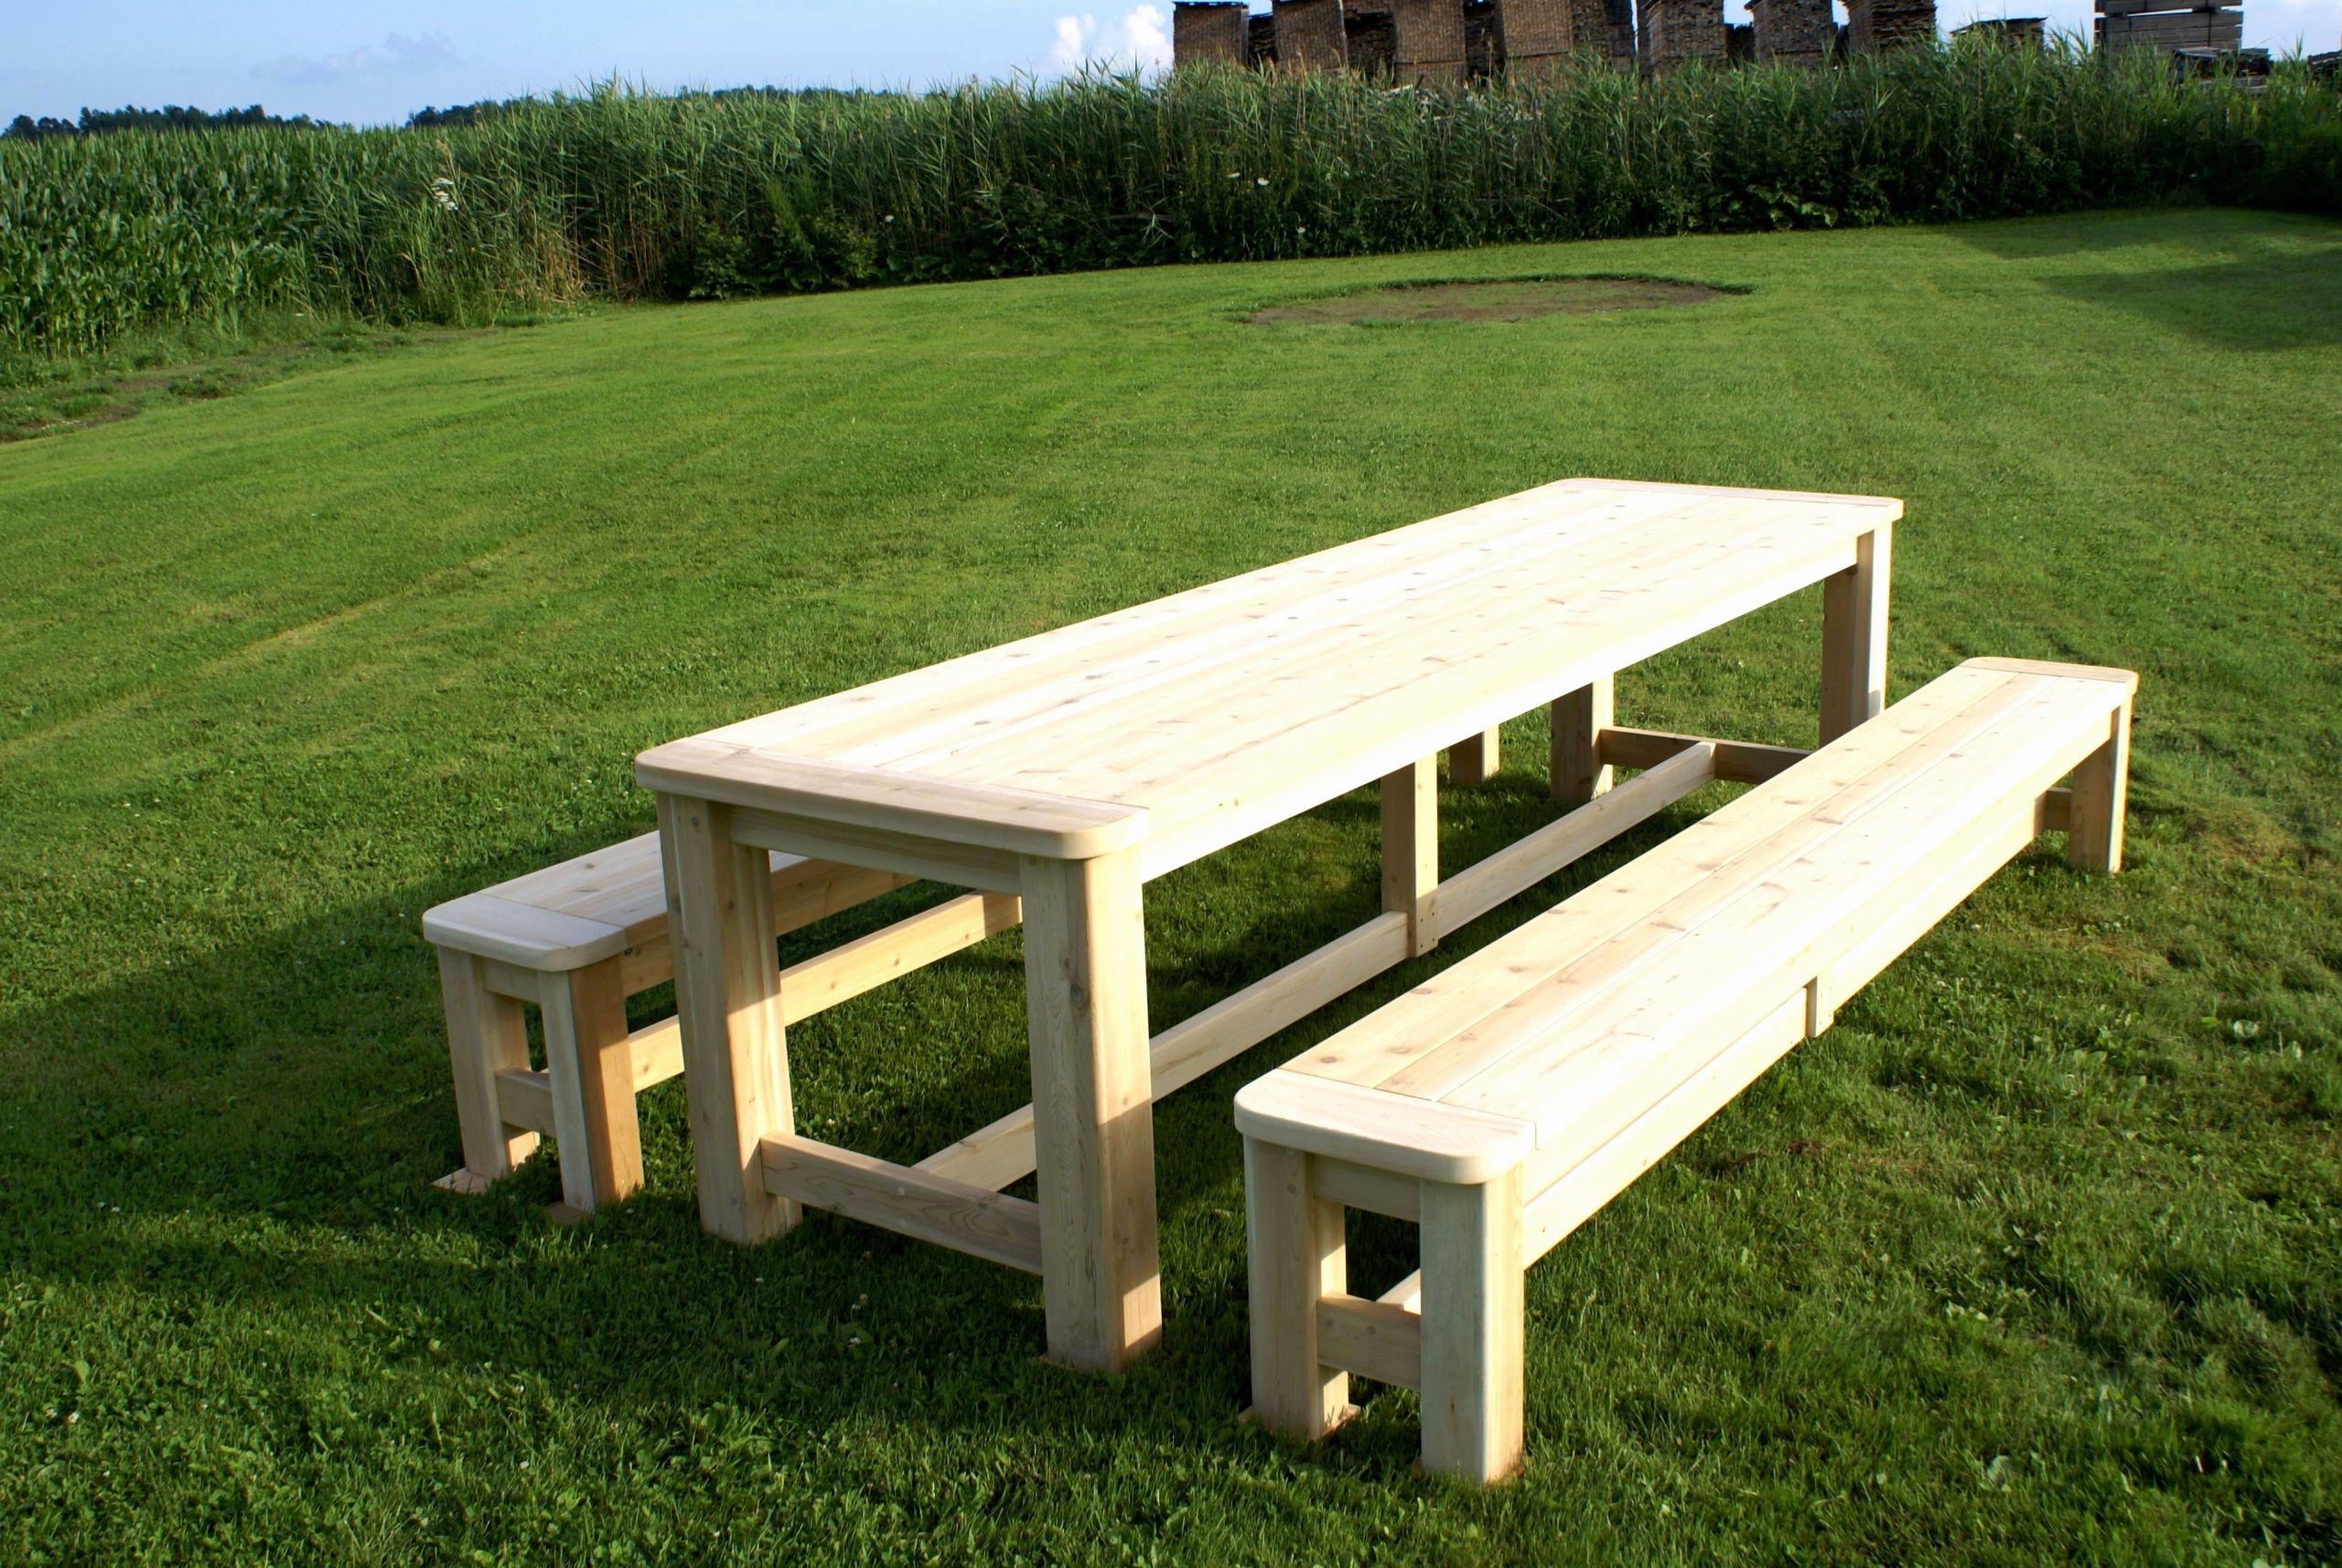 banc de jardin en fer meilleur de banc de jardin en fer of banc de jardin en fer